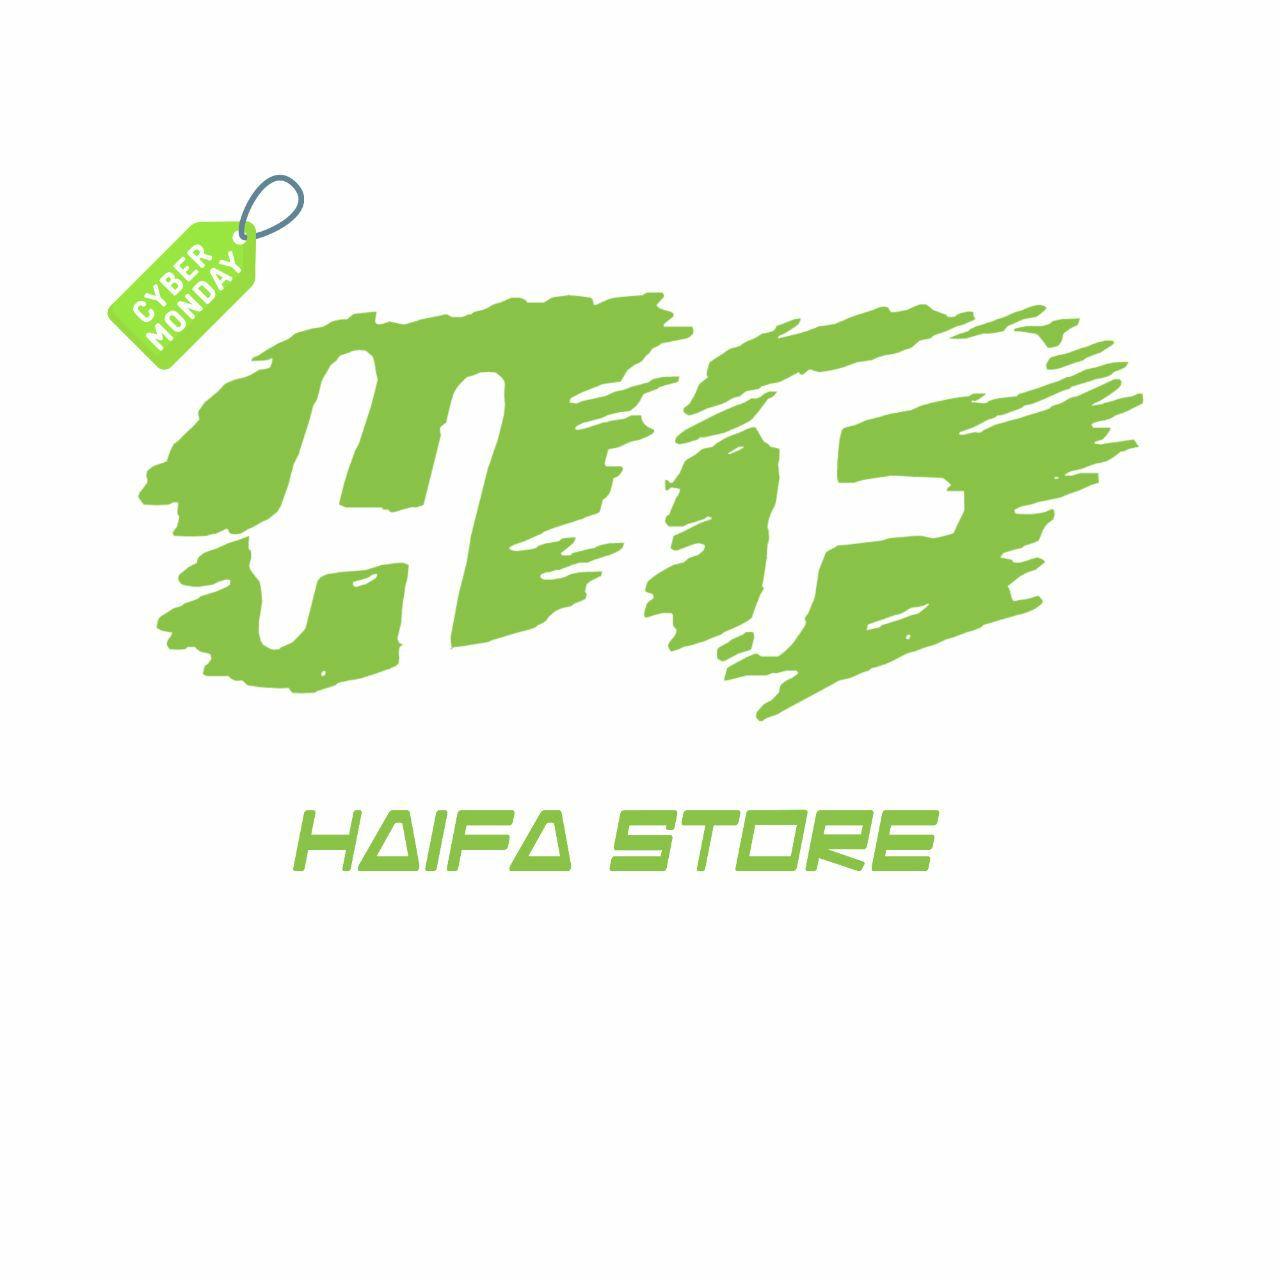 Haifa Store Official